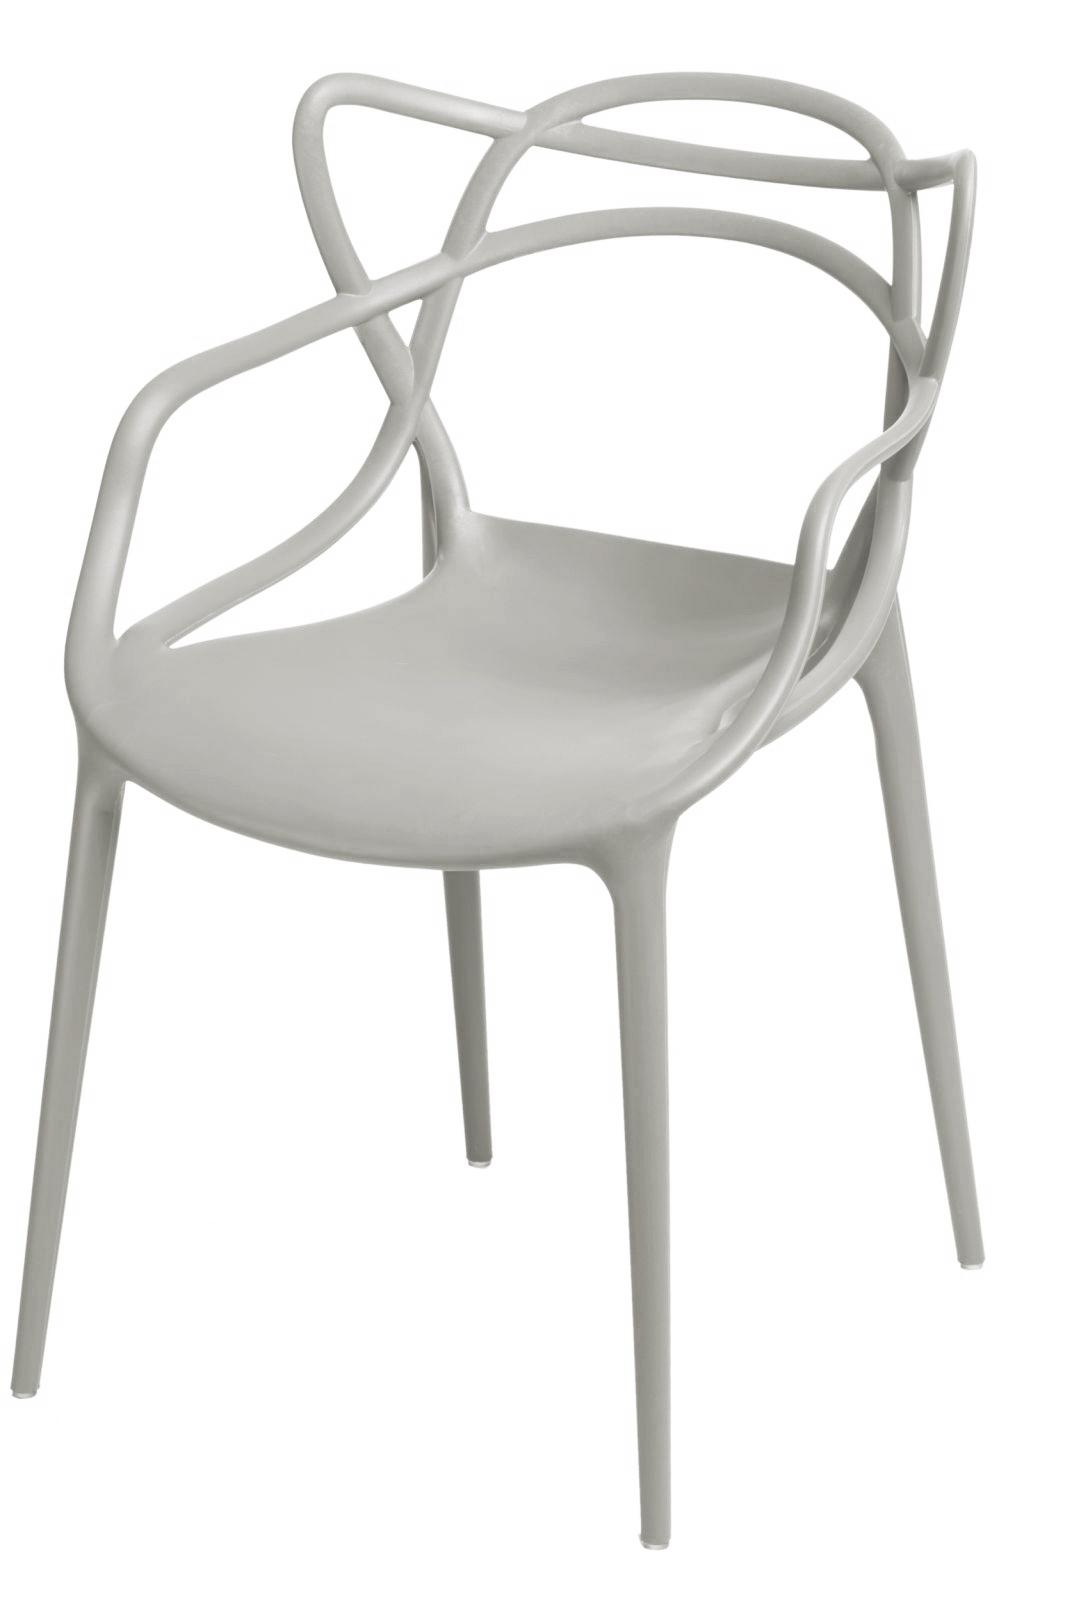 Jídelní židle s područkami Minster, šedá